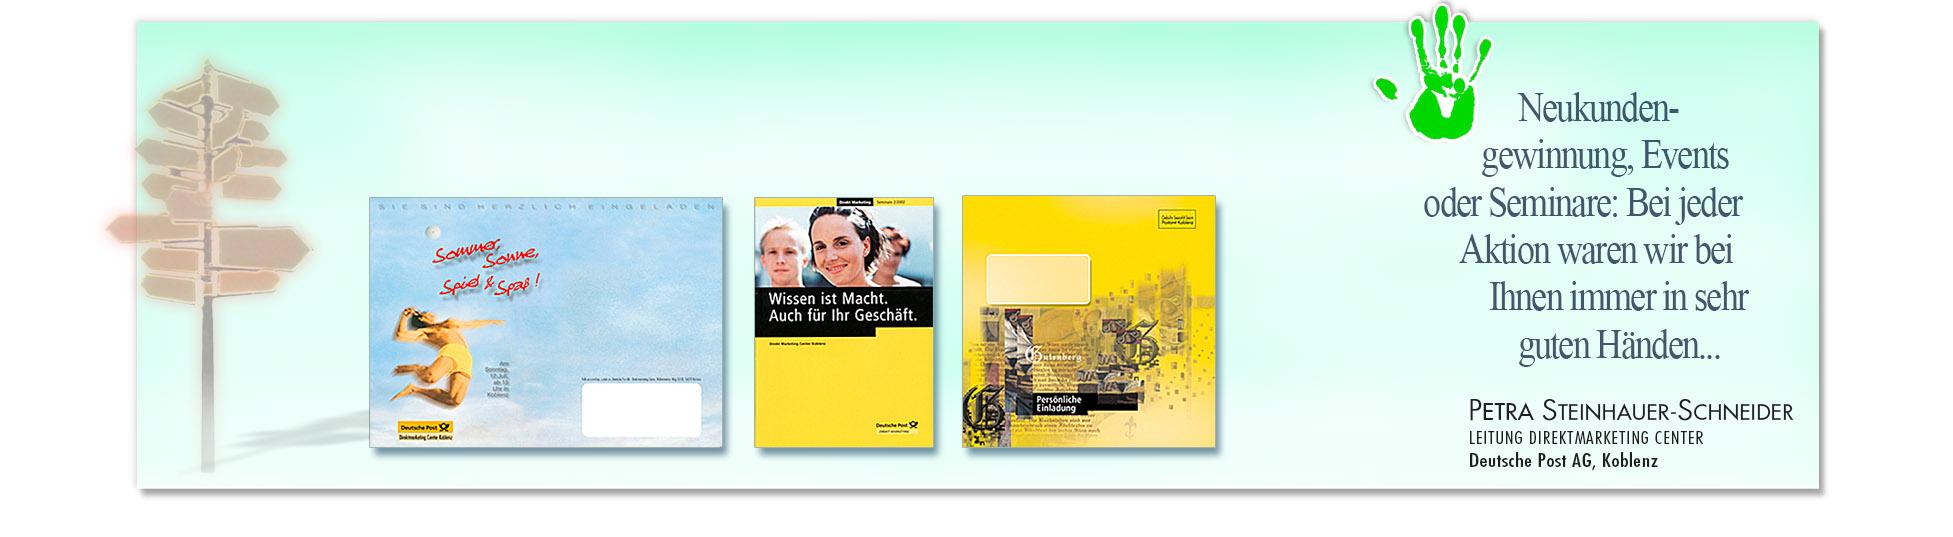 Zufriedener Kunde: POST AG wegen erfolgreiche Kampagnen derSchoellmann & Sie ist Werbeagentur, Marketingagentur, Gender Marketing, Webdesign, Personal Marketing, Employer Branding